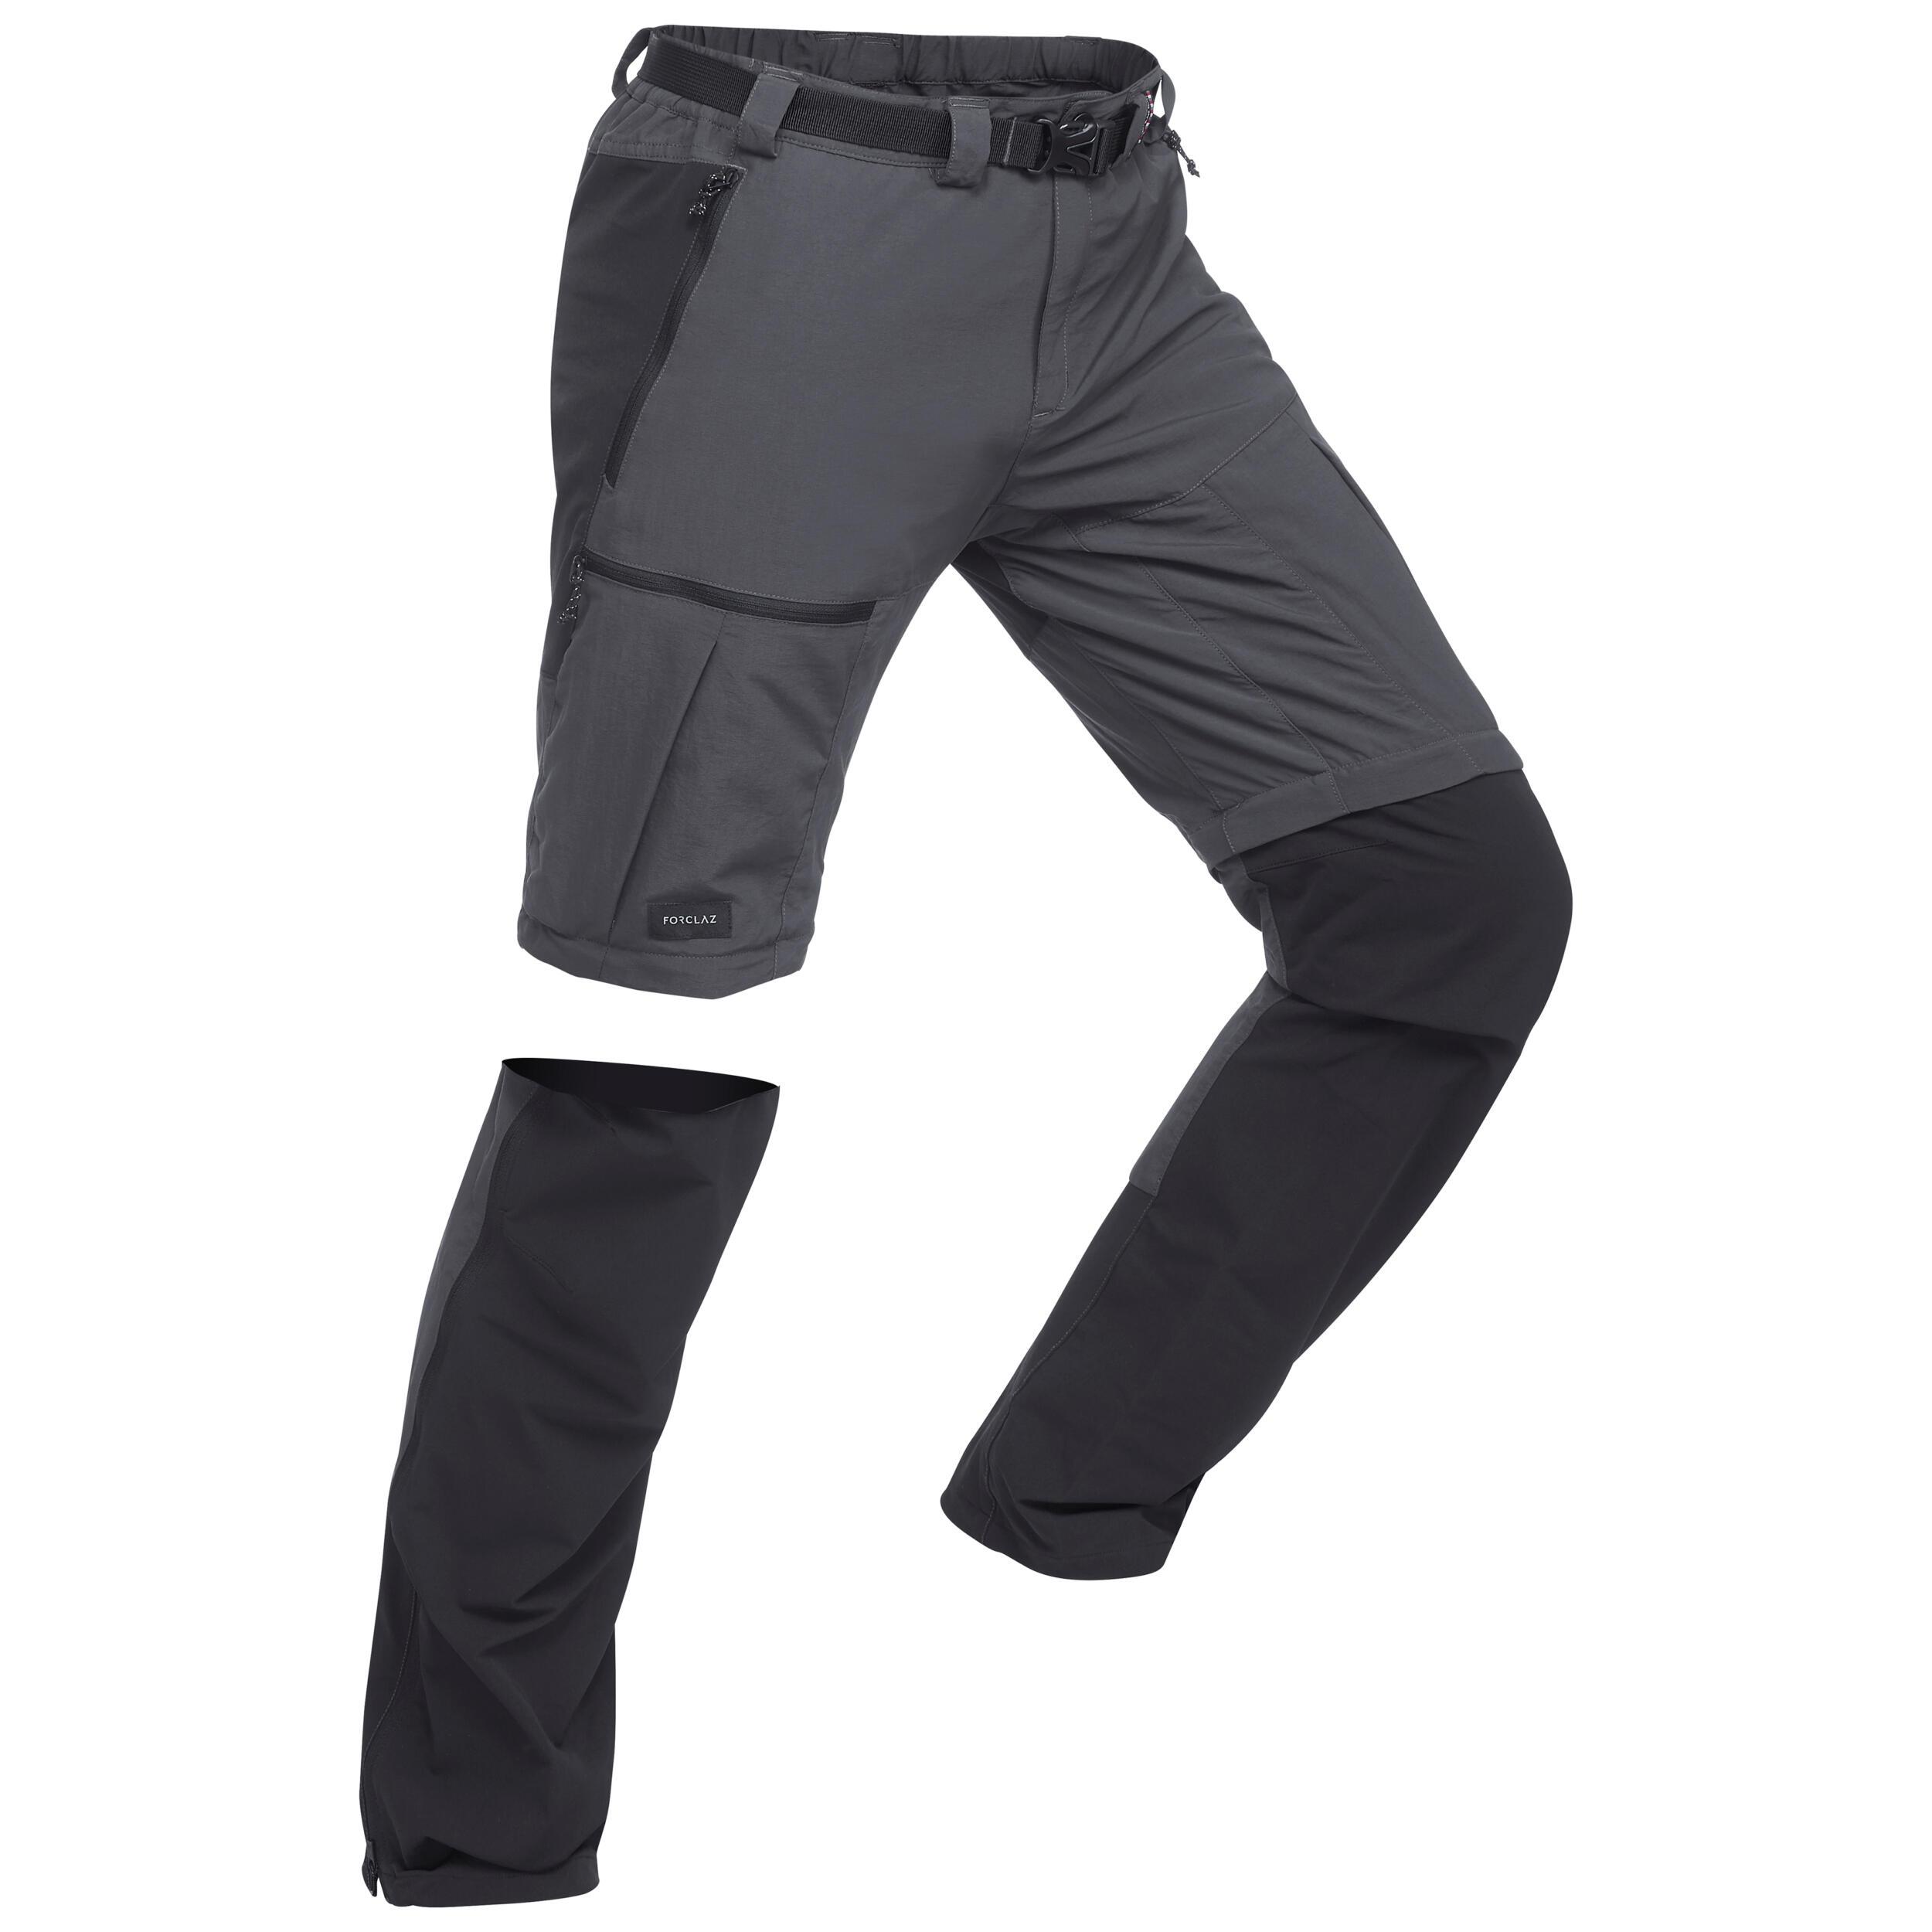 Pantalon TREK 500 bărbați